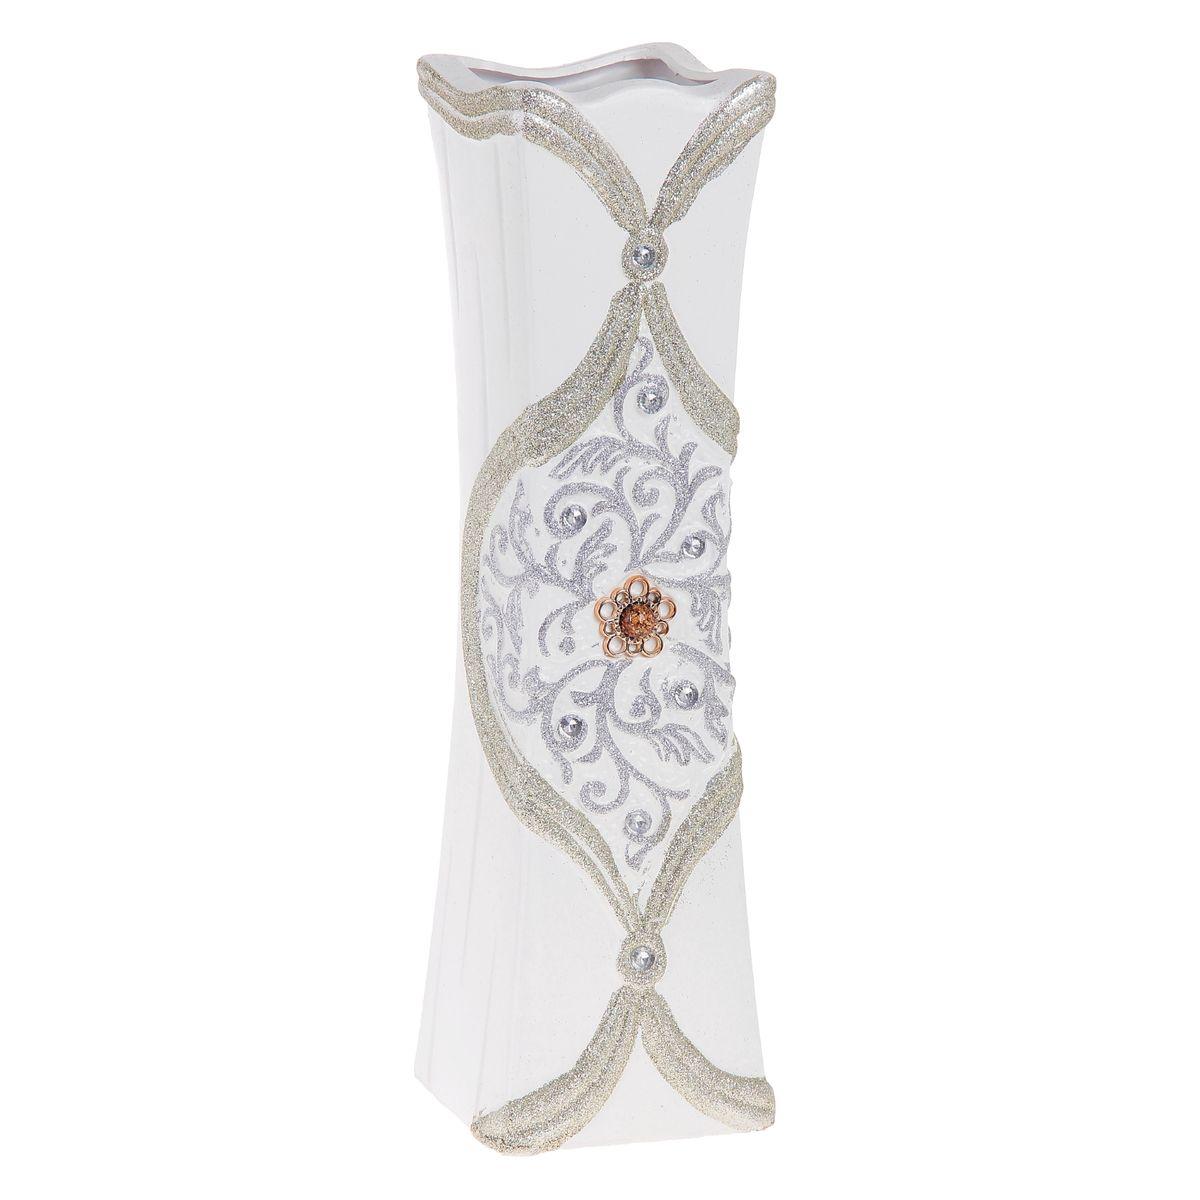 Ваза напольная Sima-land Янтарная брошка, высота 60 см913525Напольная ваза Sima-land Янтарная брошка, выполненная из керамики, станет изысканным украшением интерьера. Она предназначена как для живых, так и для искусственных цветов. Изделие декорировано блестками и стразами. Интересная форма и необычное оформление сделают эту вазу замечательным украшением интерьера. Любое помещение выглядит незавершенным без правильно расположенных предметов интерьера. Они помогают создать уют, расставить акценты, подчеркнуть достоинства или скрыть недостатки.